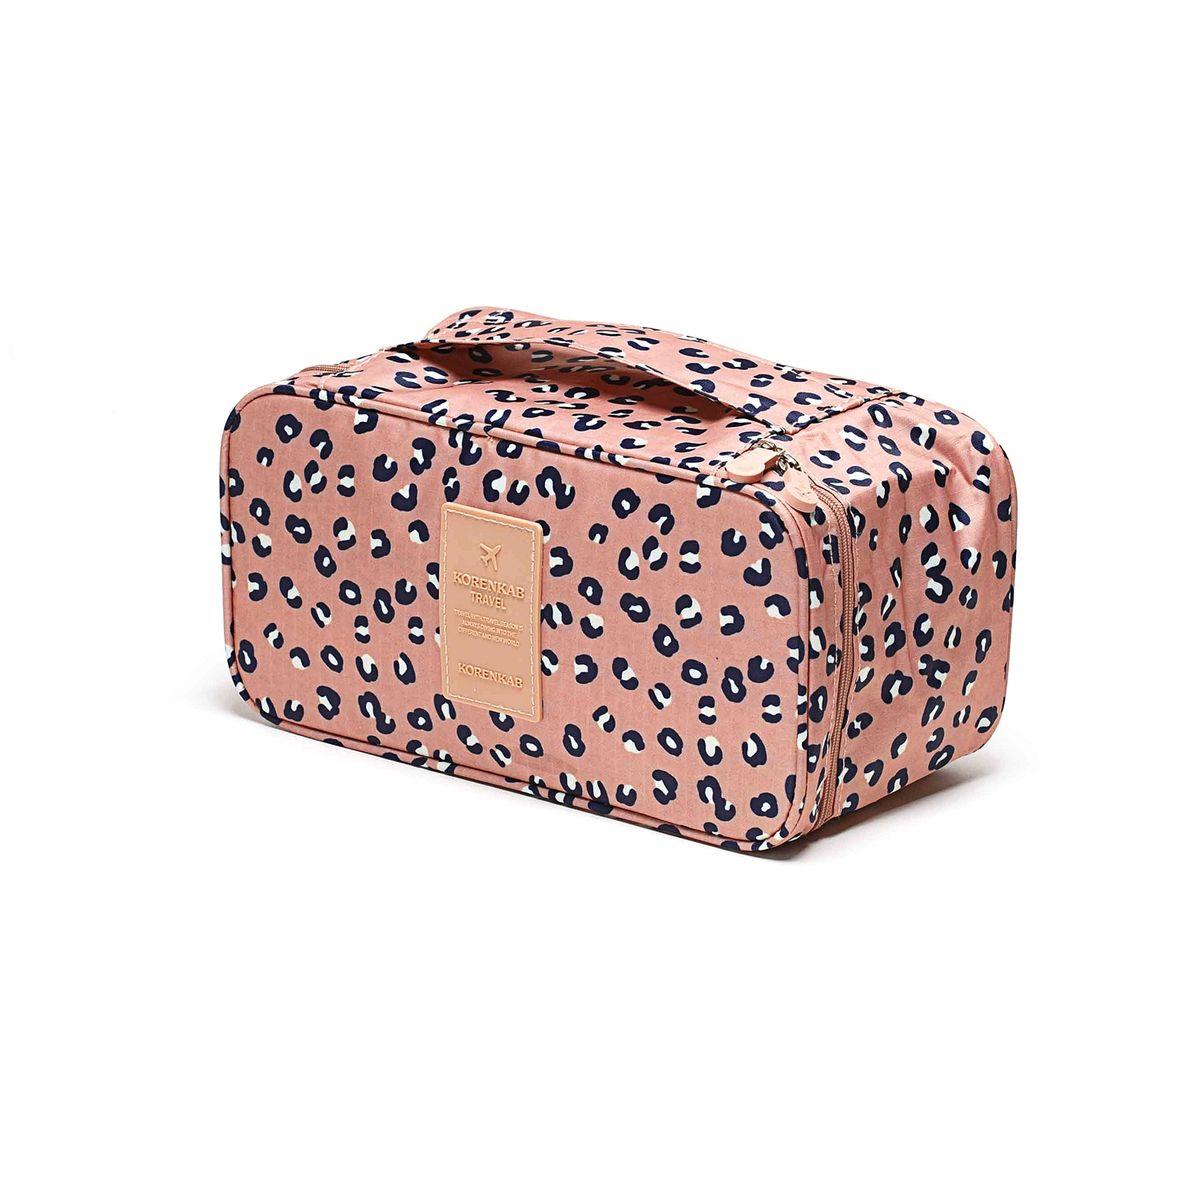 Косметичка-органайзер Homsu Леопард, 28 x 13 x 15 смHOM-357Косметичка-органайзер Homsu Леопард выполнена из высококачественного полиэстера. Закрывается изделие на застежку-молнию. Внутри имеется 4 отделения для мелочей, а также дополнительная сумочка размером 22 х 14 см, которая крепится к косметичке посредством липучки и надежно защищает ваши вещи за счет удобной молнии. Теперь вы сможете всегда брать с собой все, что вам может понадобиться. Сверху органайзера имеется ручка для удобной переноски. Косметичка-органайзер Homsu Леопард станет незаменимым аксессуаром для любой девушки. Размер косметички: 28 х 13 х 15 см. Размер сумочки: 22 х 14 см.